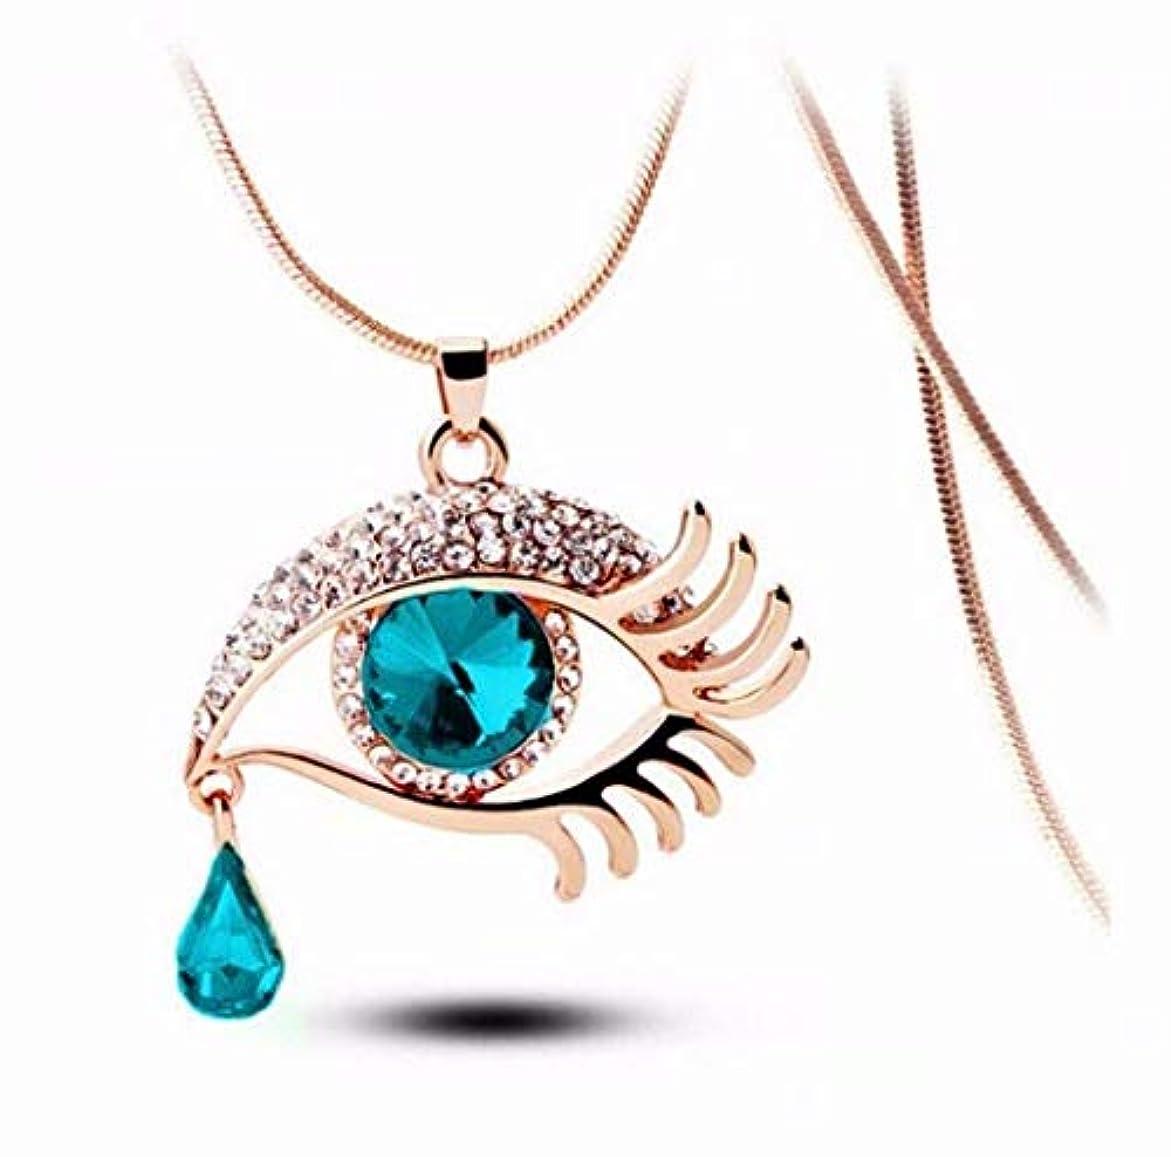 七里の香 ティアドロップネックレス アイクリスタルネックレス セーターチェーン 宝石